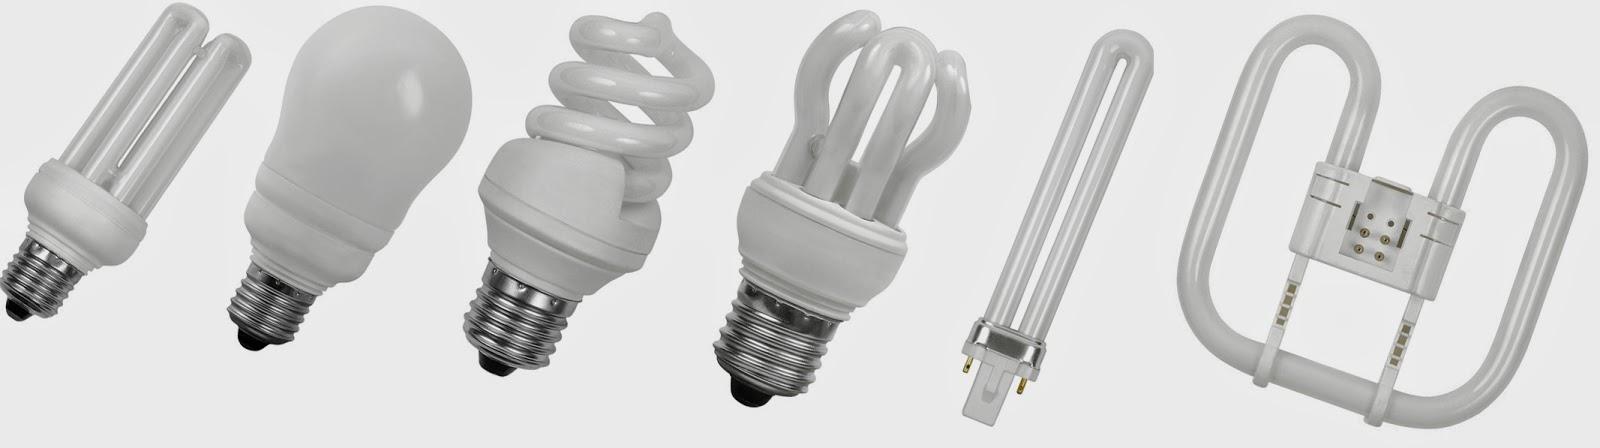 Компенсация реактивной мощности в установках с люминесцентными лампами